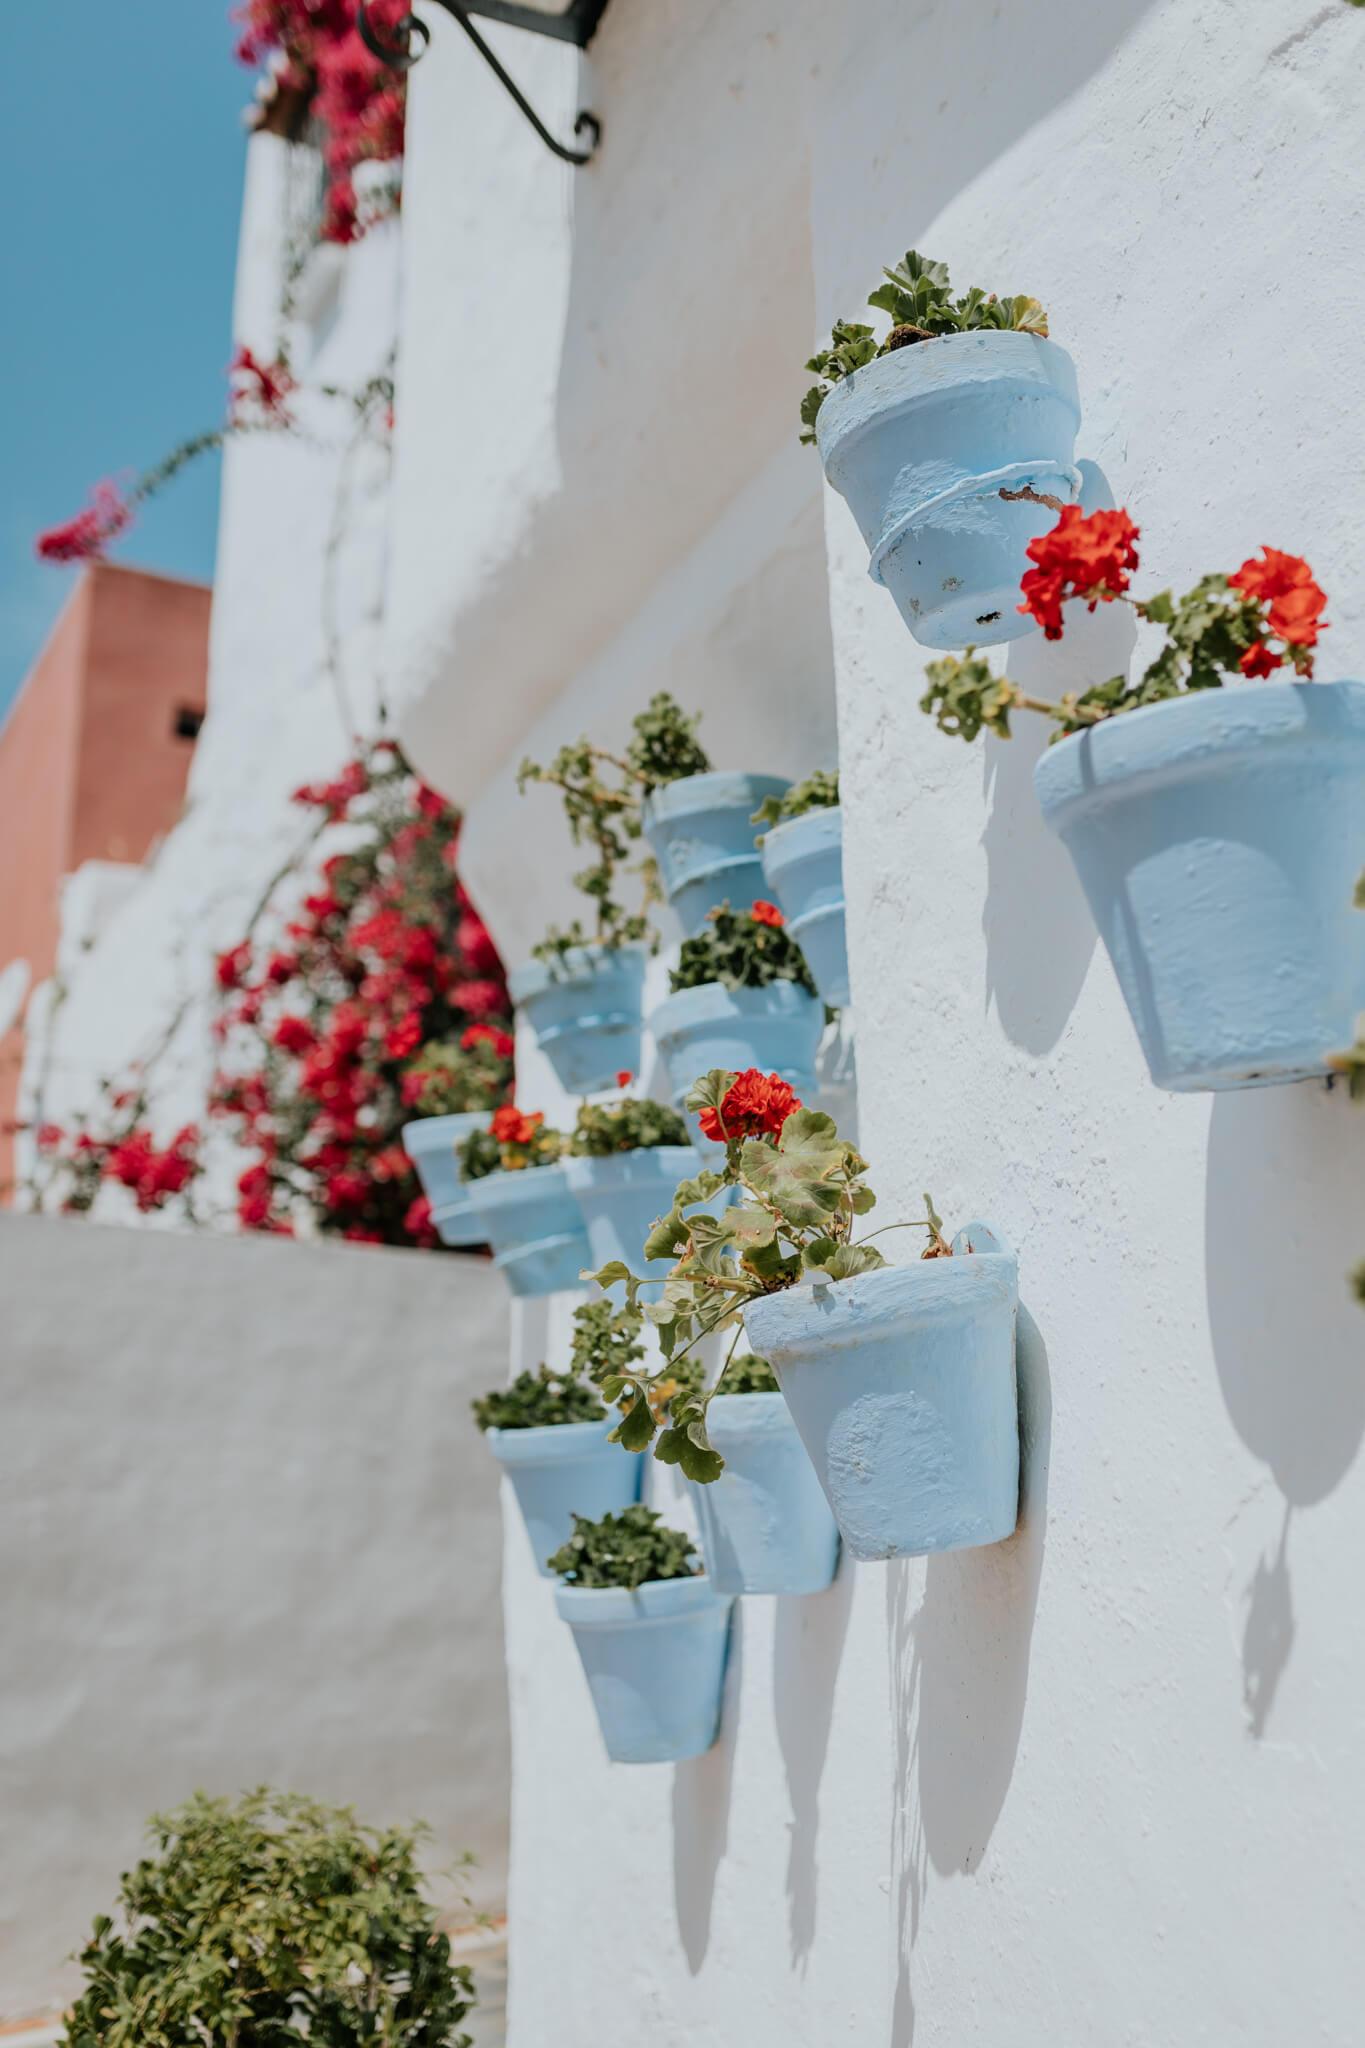 Spain-Travel-Photography-Natalie-Skoric-9.jpg